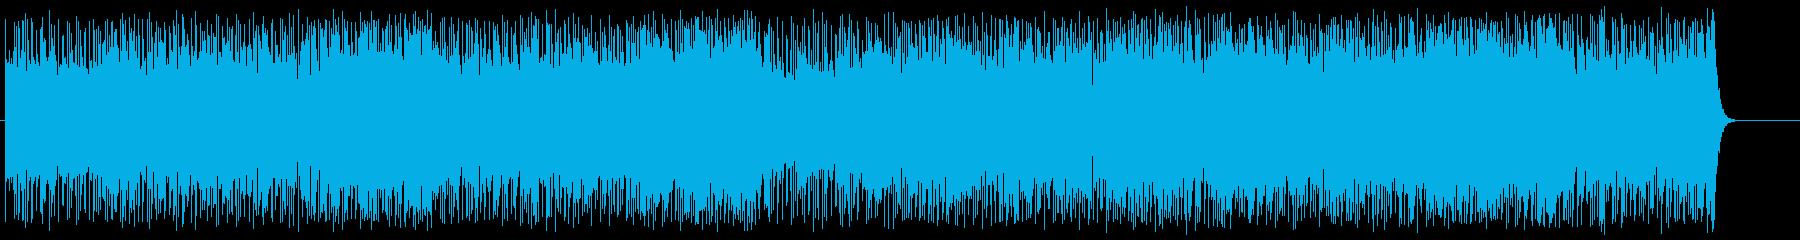 アップテンポのいたずらなポップスの再生済みの波形